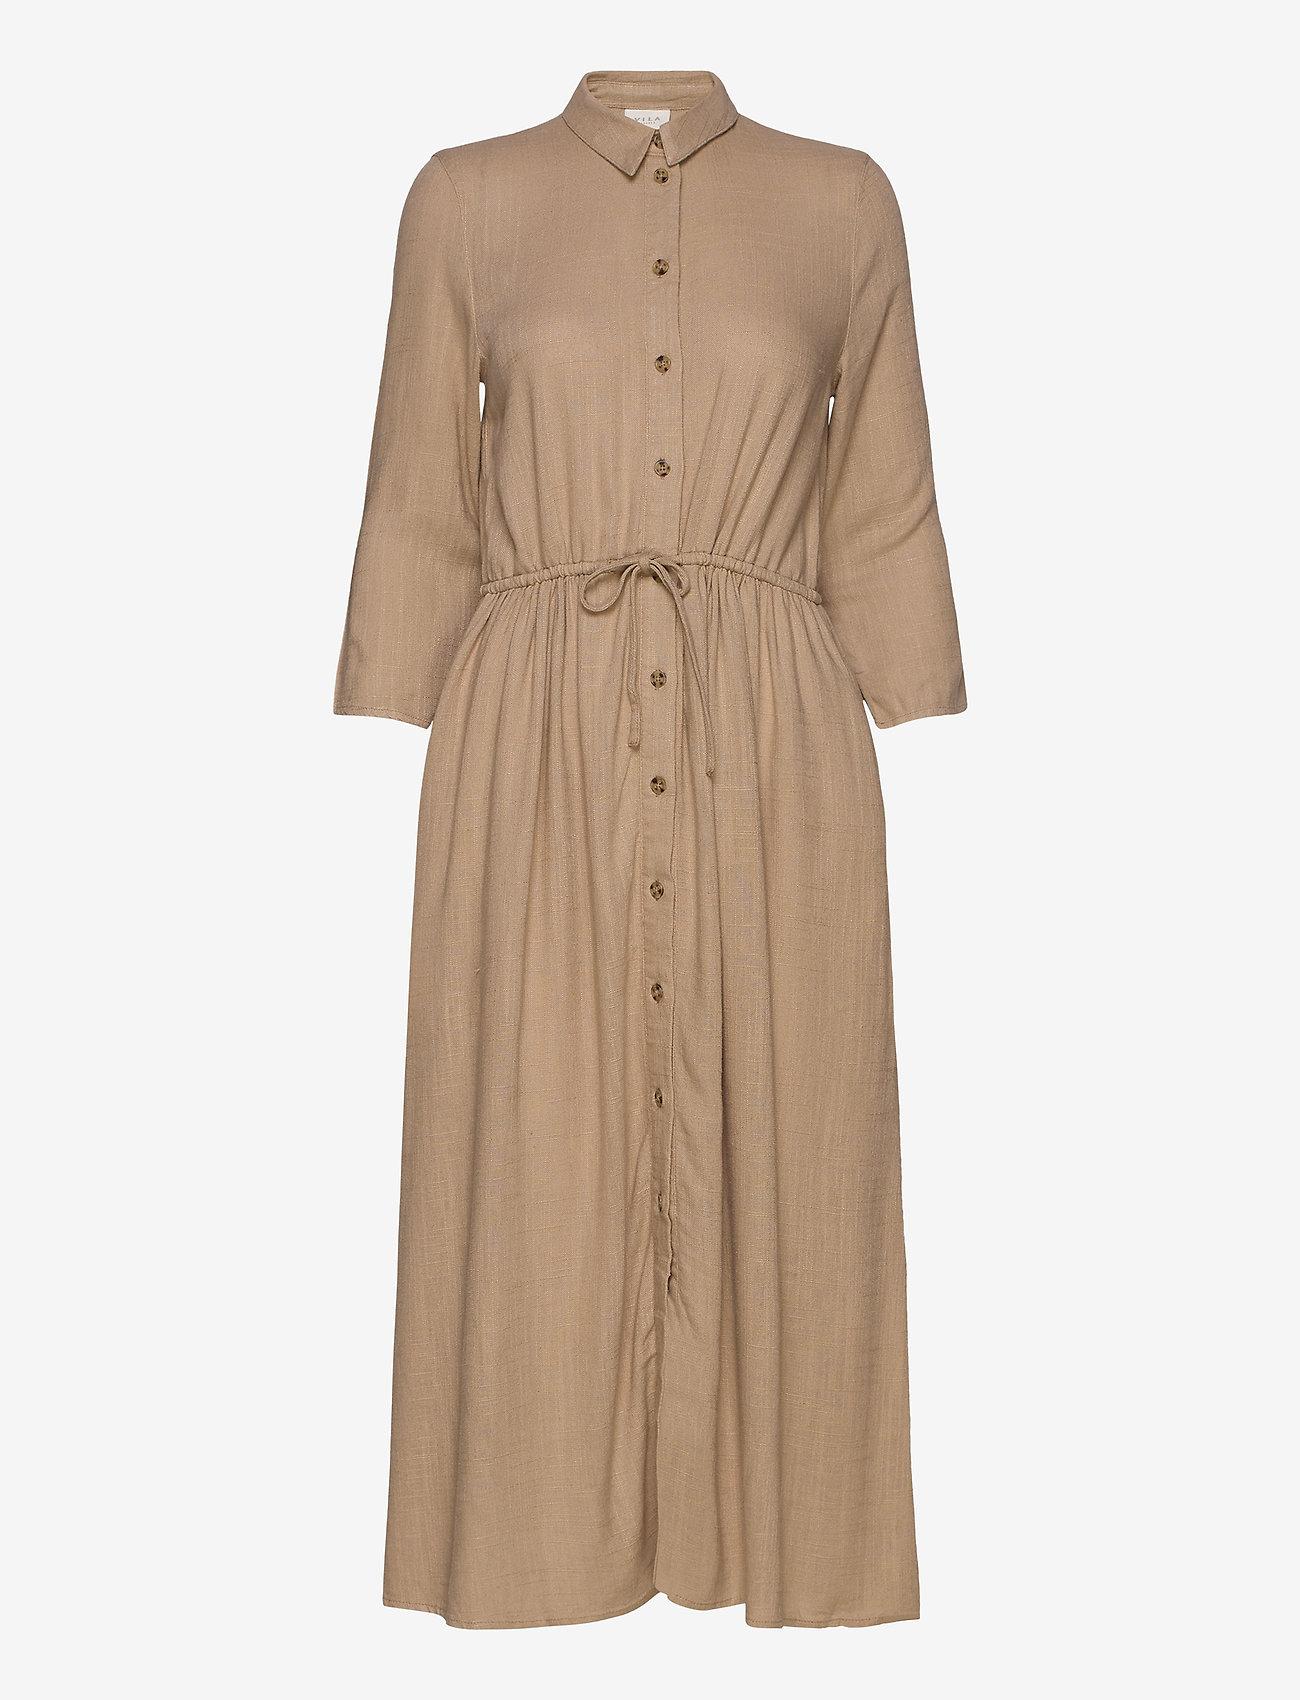 Vila - VISAFARI MIDI 3/4 DRESS - shirt dresses - nomad